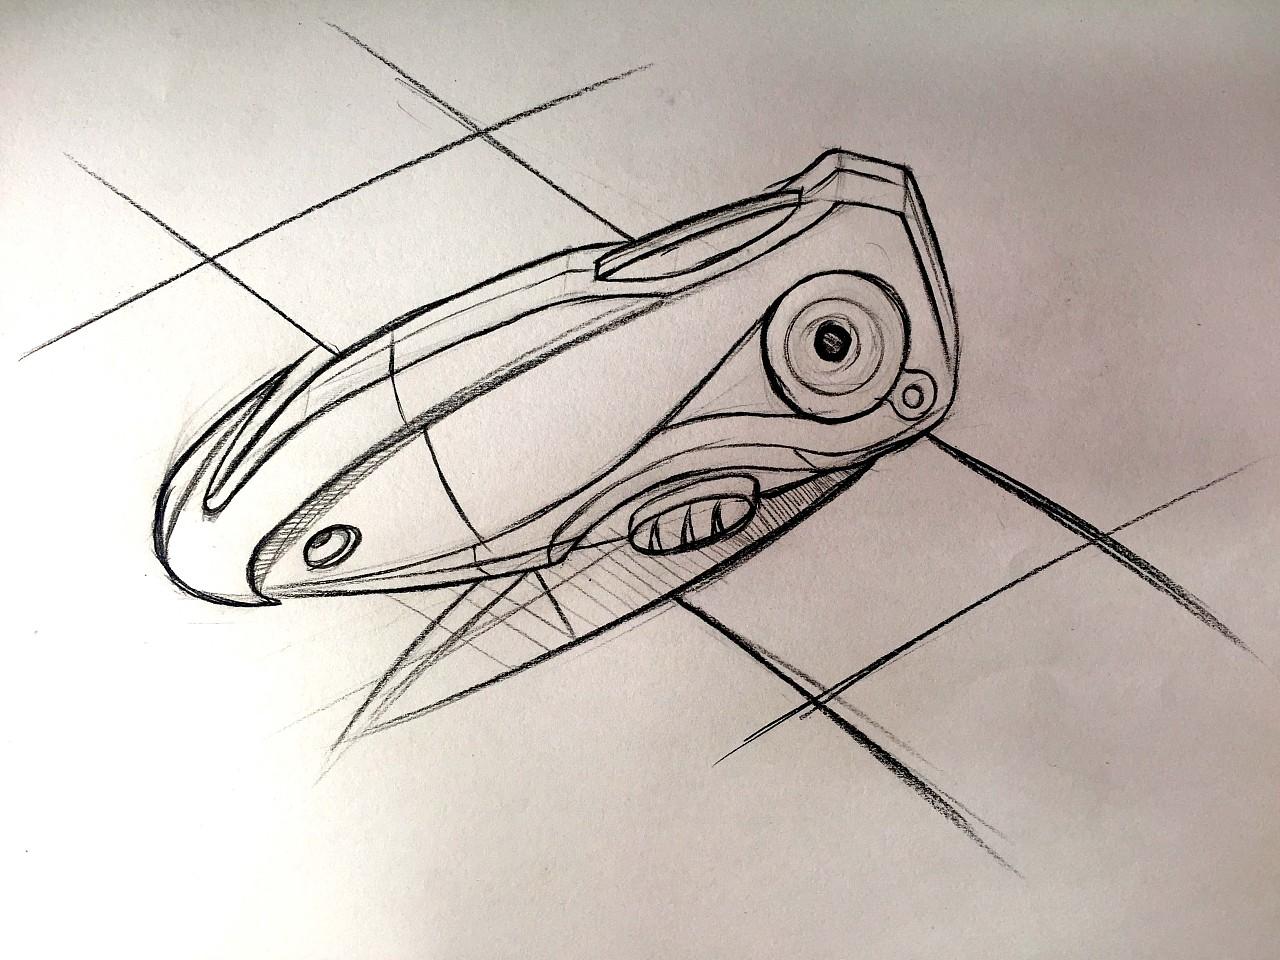 产品手绘|工业/产品|生活用品|阿凯不叫王大锤 - 原创